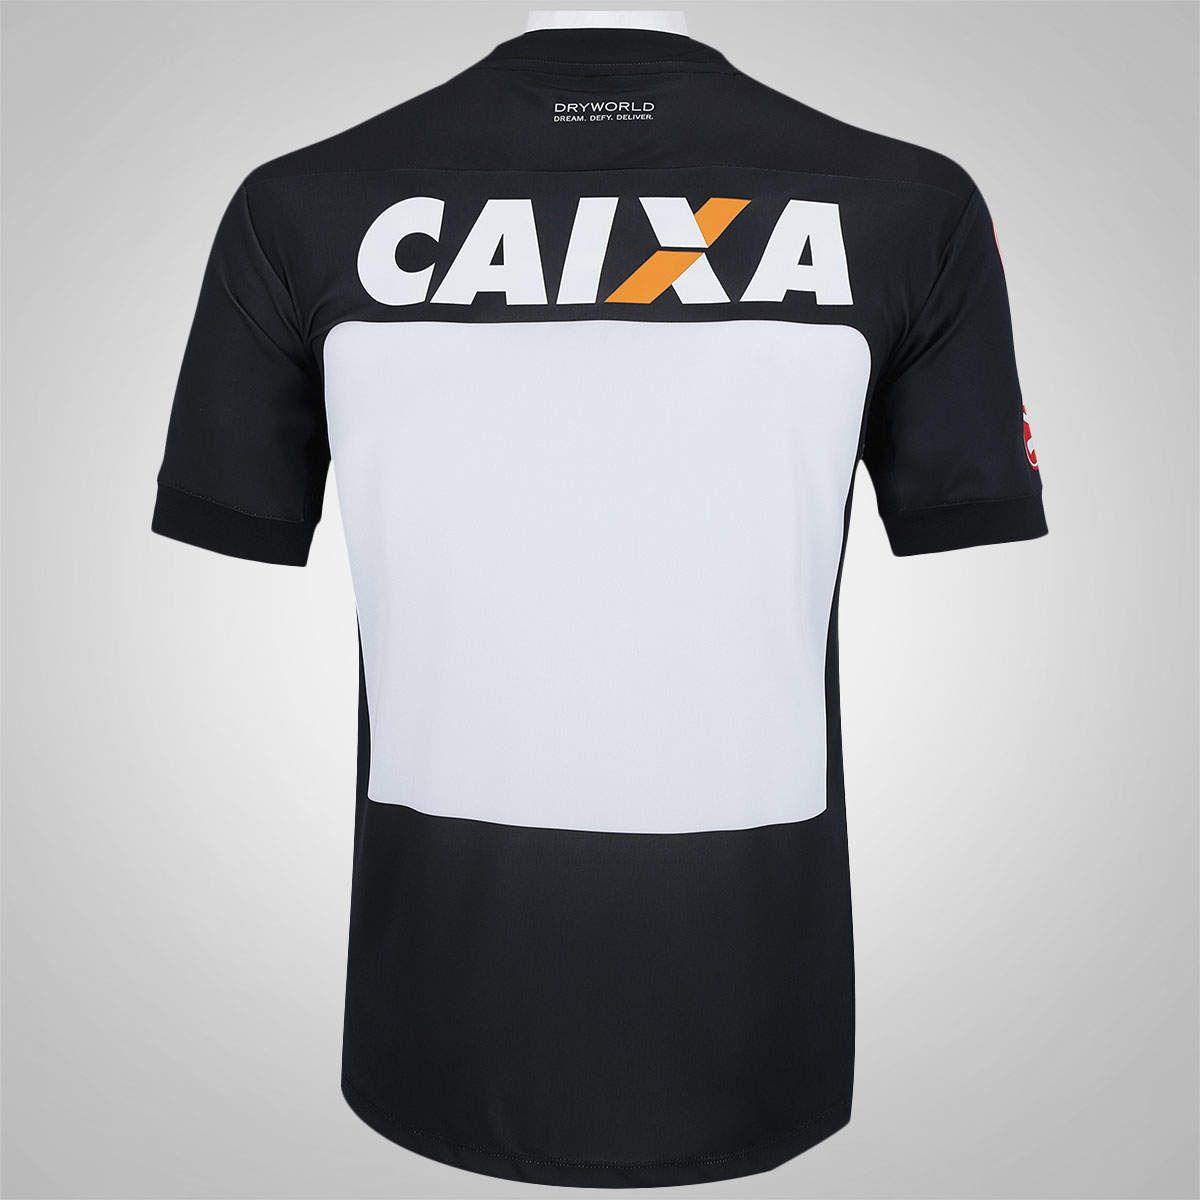 Camisa Atlético Mineiro I 2016 Dry World Masculina